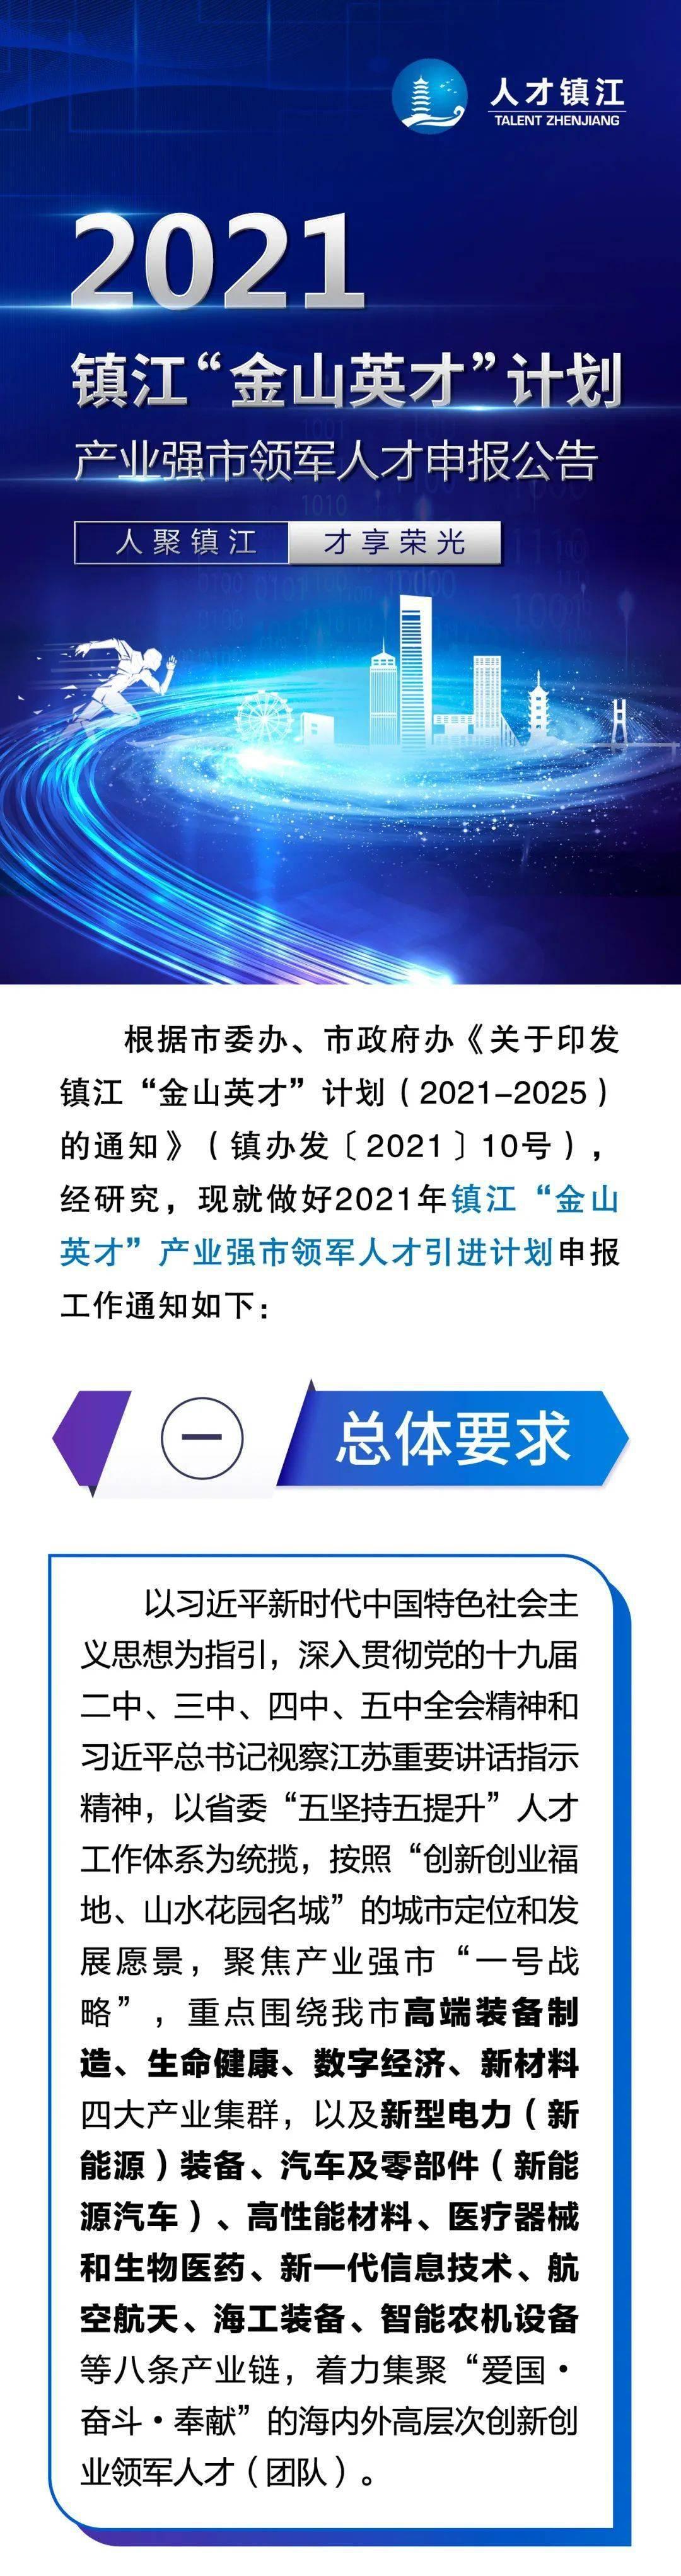 """一图看懂《2021镇江""""金山英才""""计划产业强市领军人才申报》"""